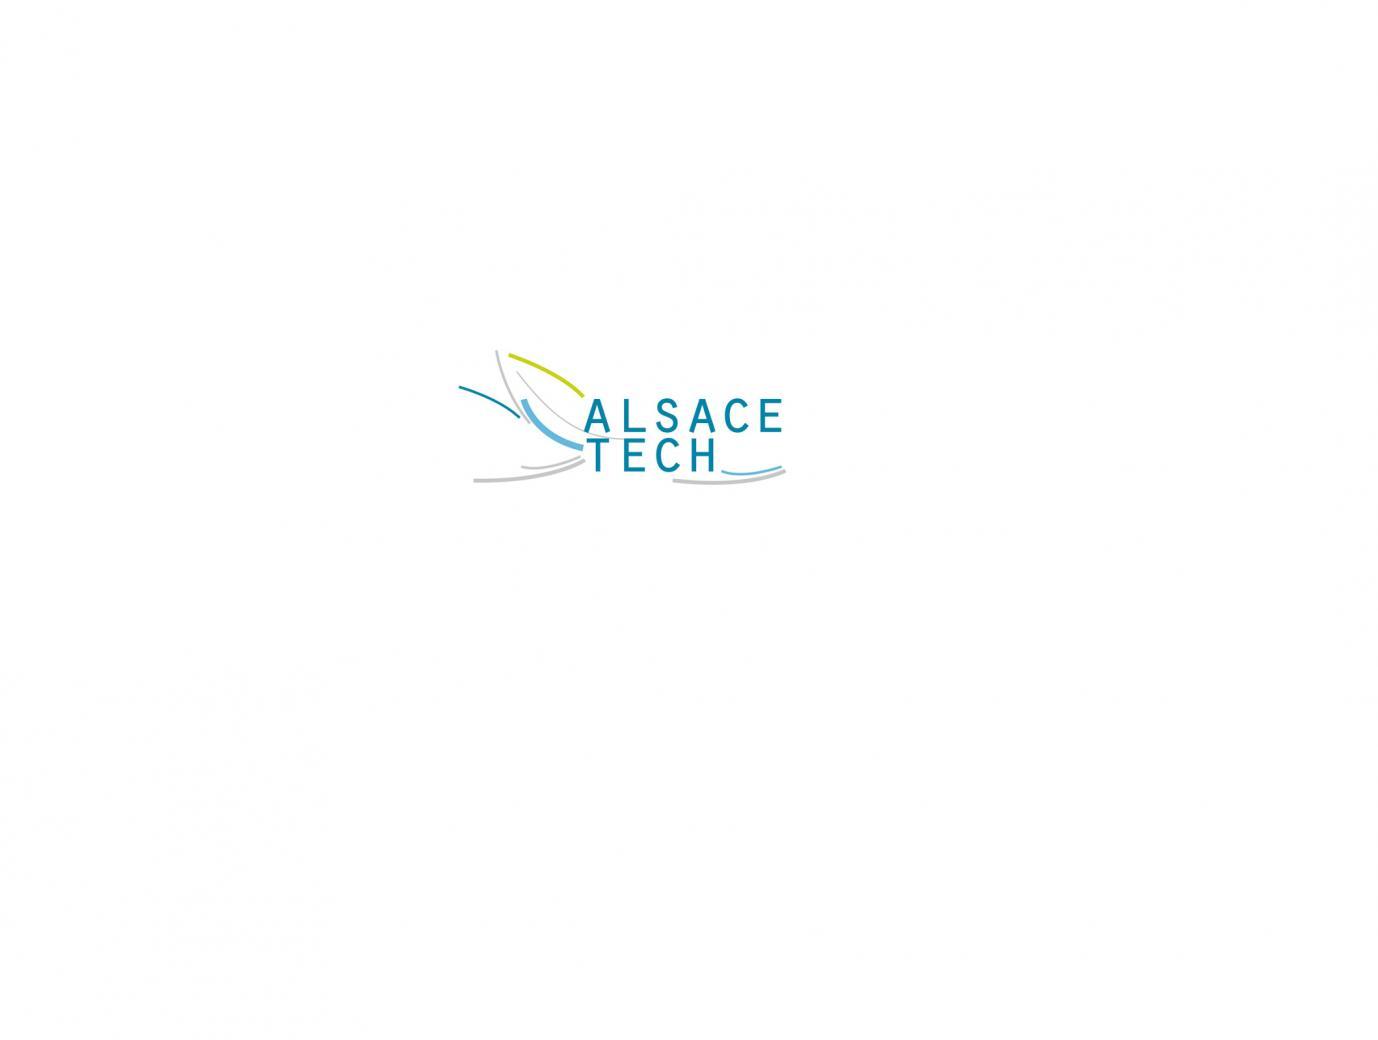 Concours Alsace Tech – Innovons ensemble 2021 : plusieurs étudiants de l'EM Strasbourg récompensés - EM Strasbourg